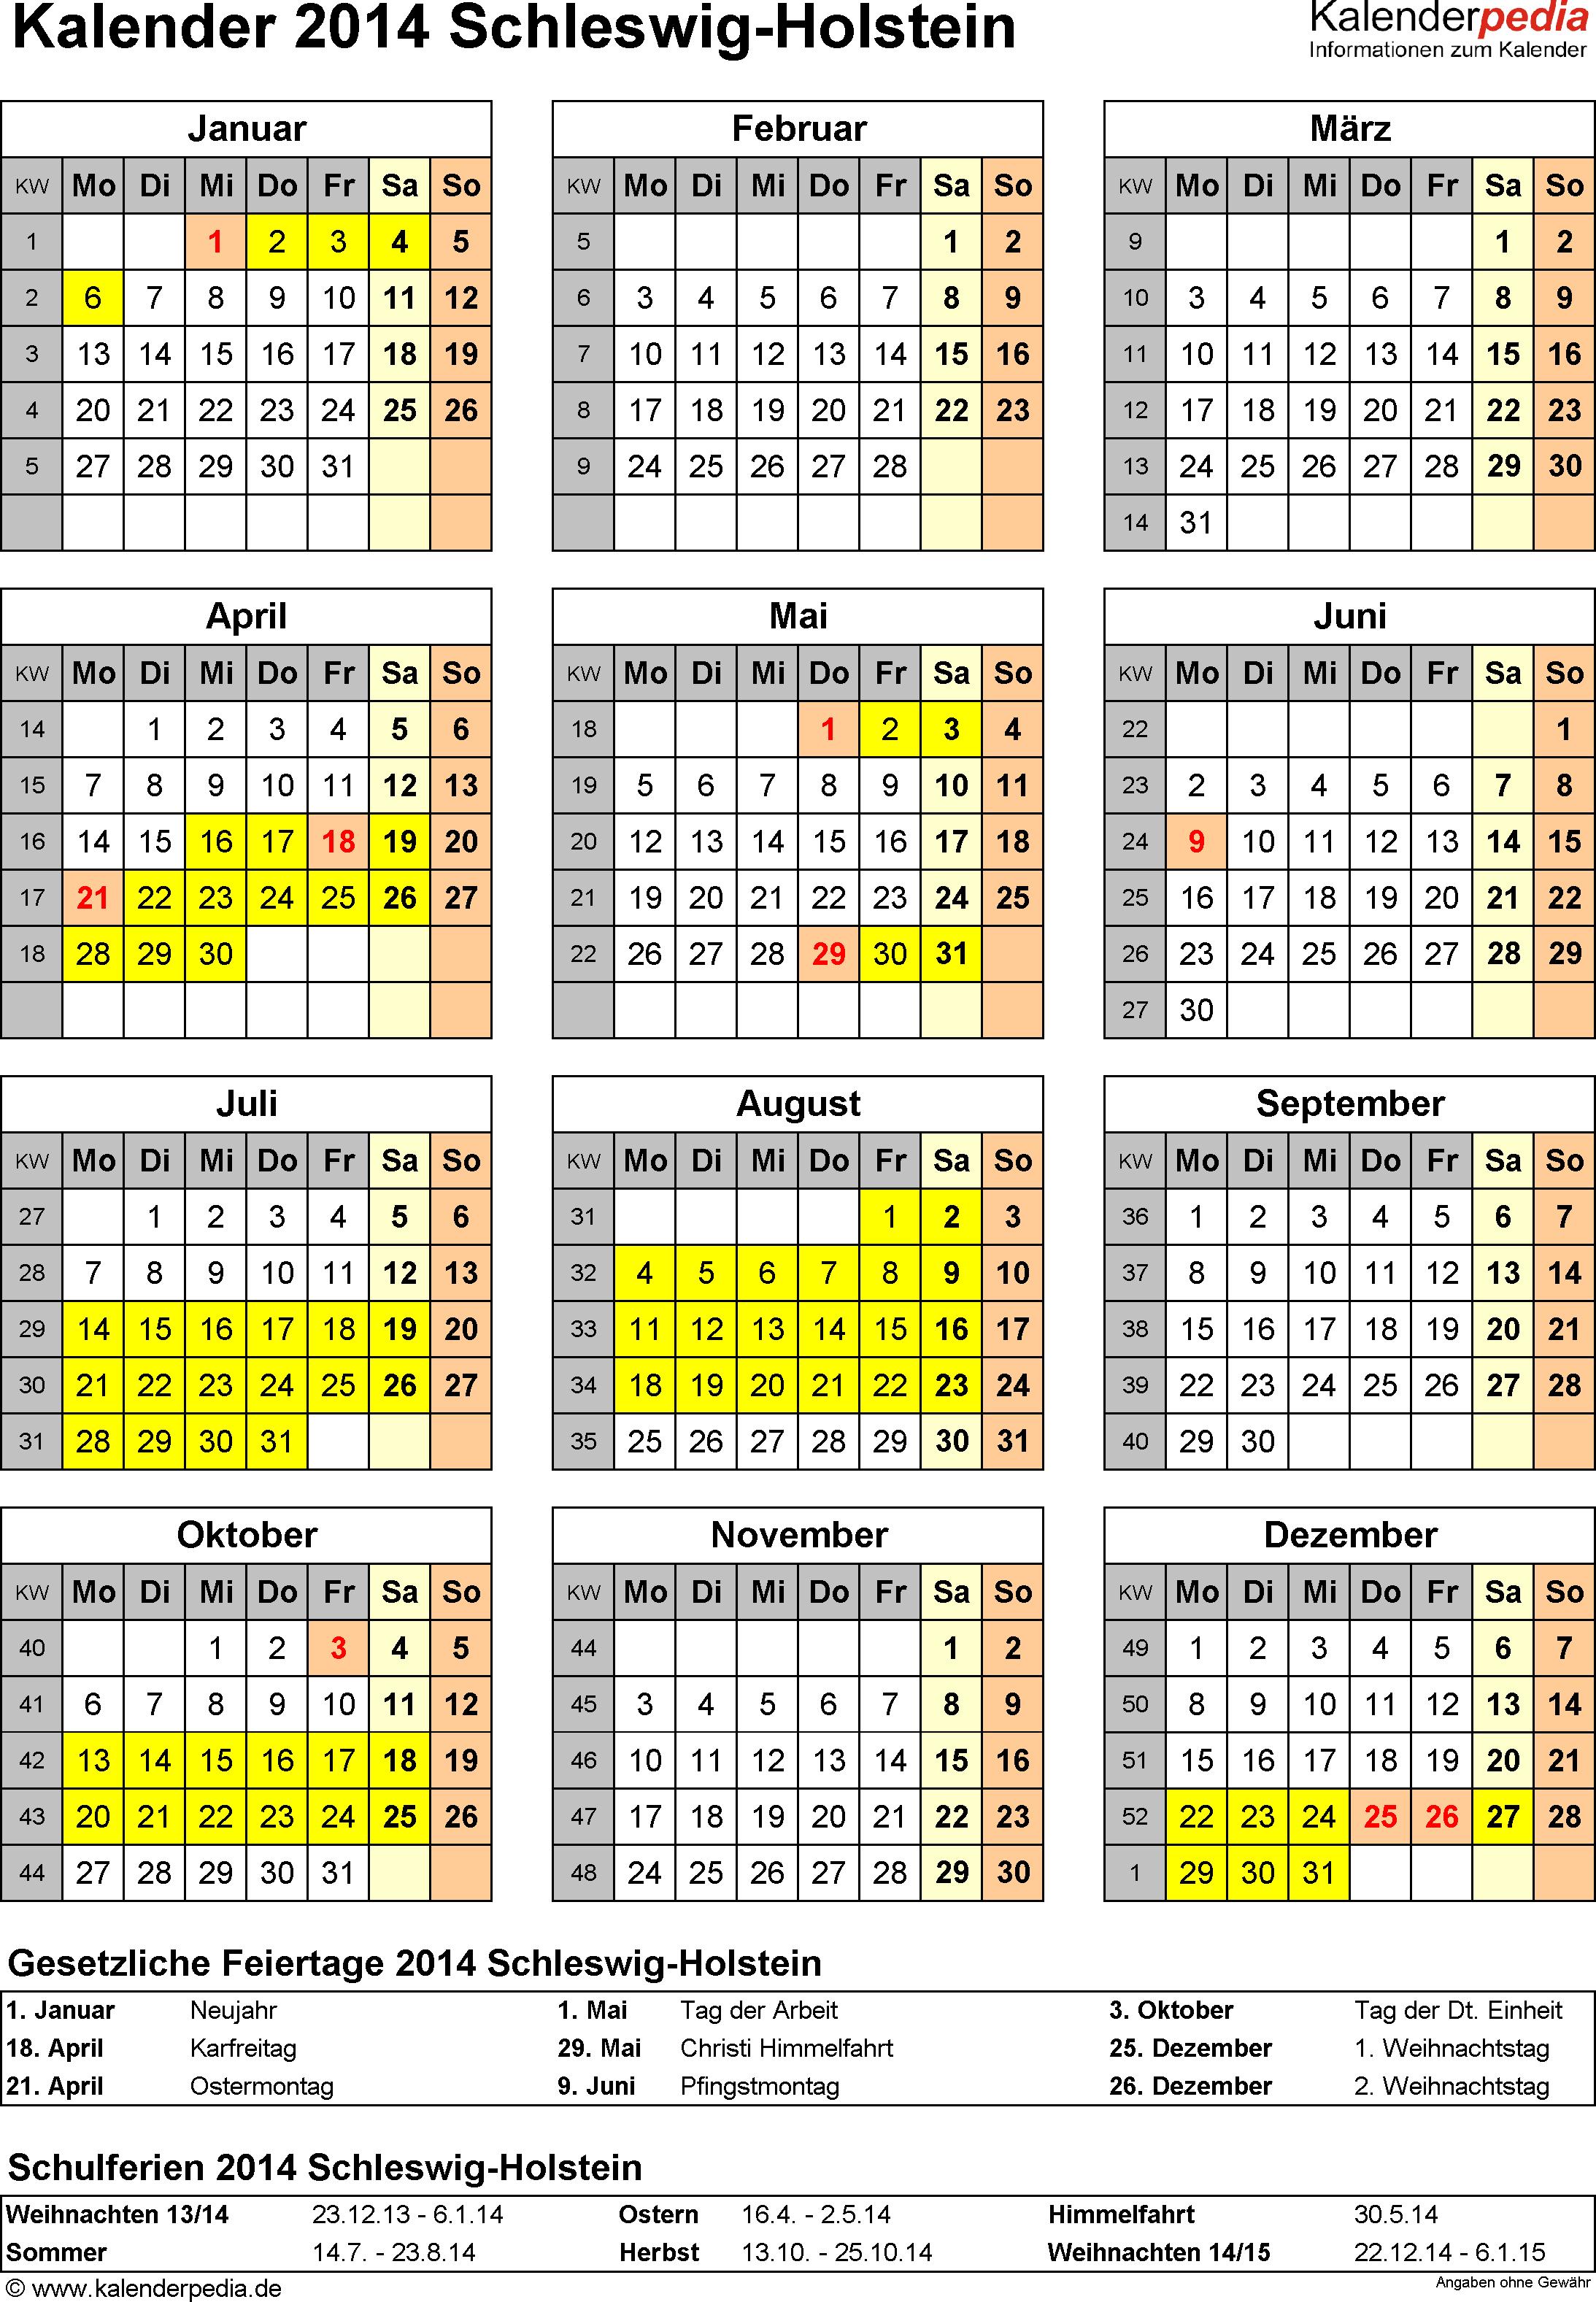 Vorlage 4: Kalender Schleswig-Holstein 2014 als Excel-Vorlage (Hochformat)